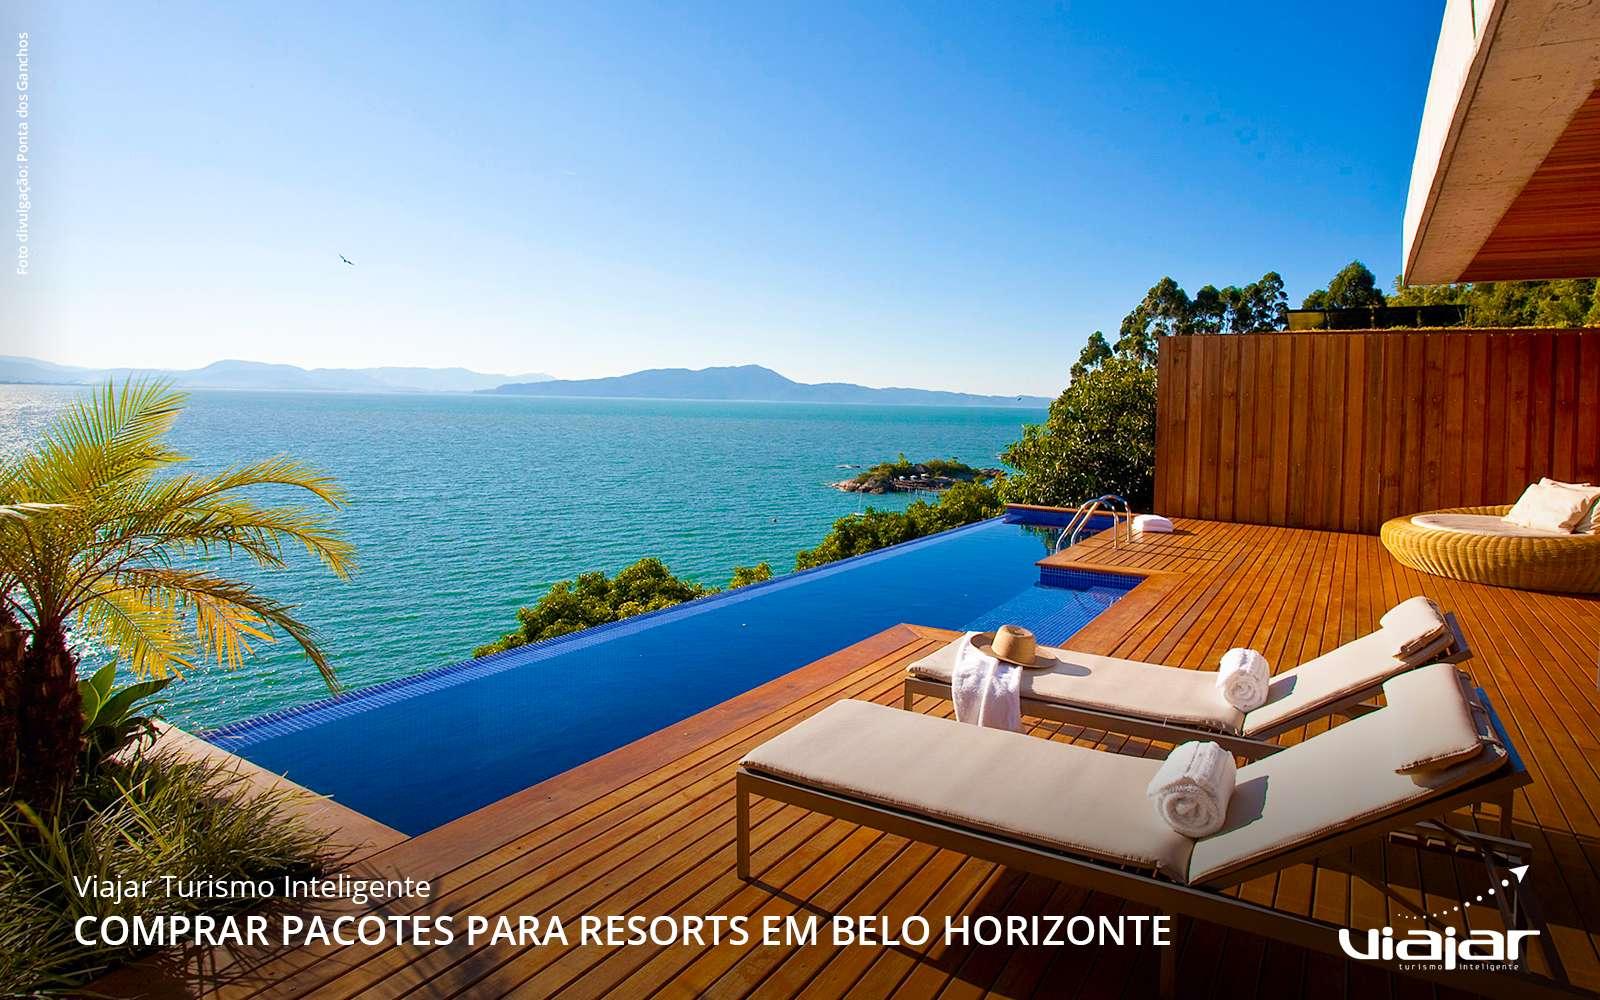 viajar-turismo-inteligente-comprar-pacotes-resorts-belo-horizonte-minas-gerais-12-1